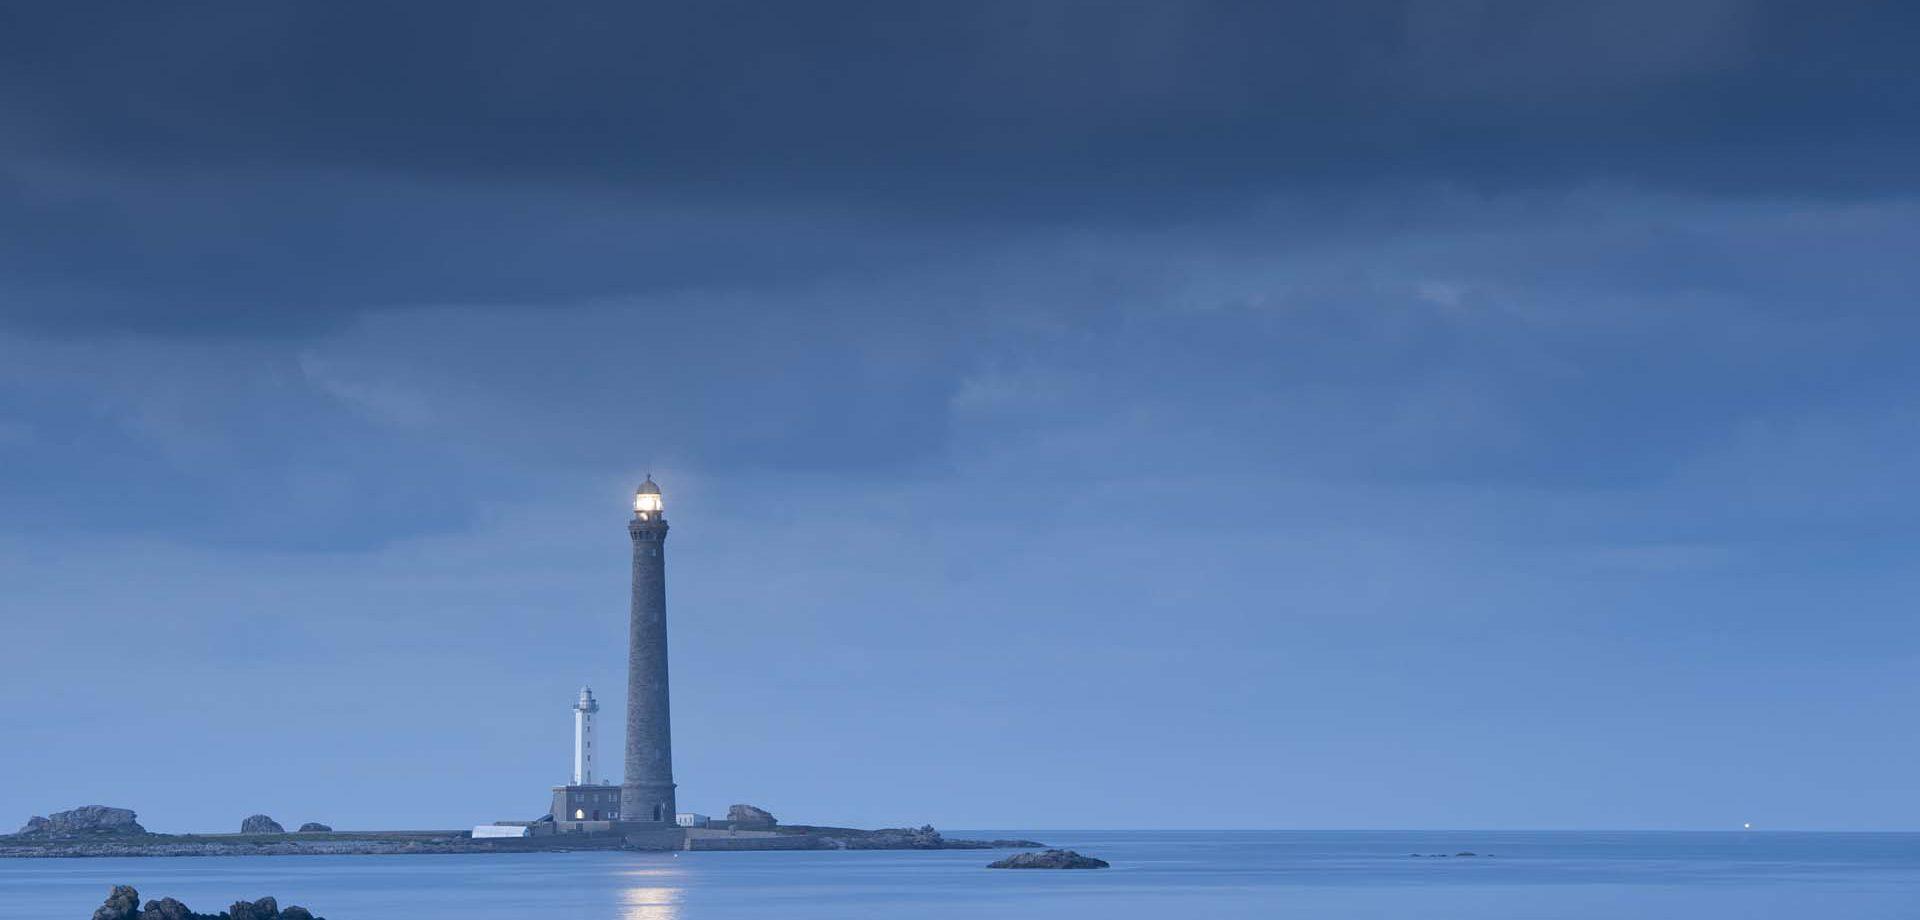 Phare de l'île Vierge à Plouguerneau ©Emmanuel Berthier